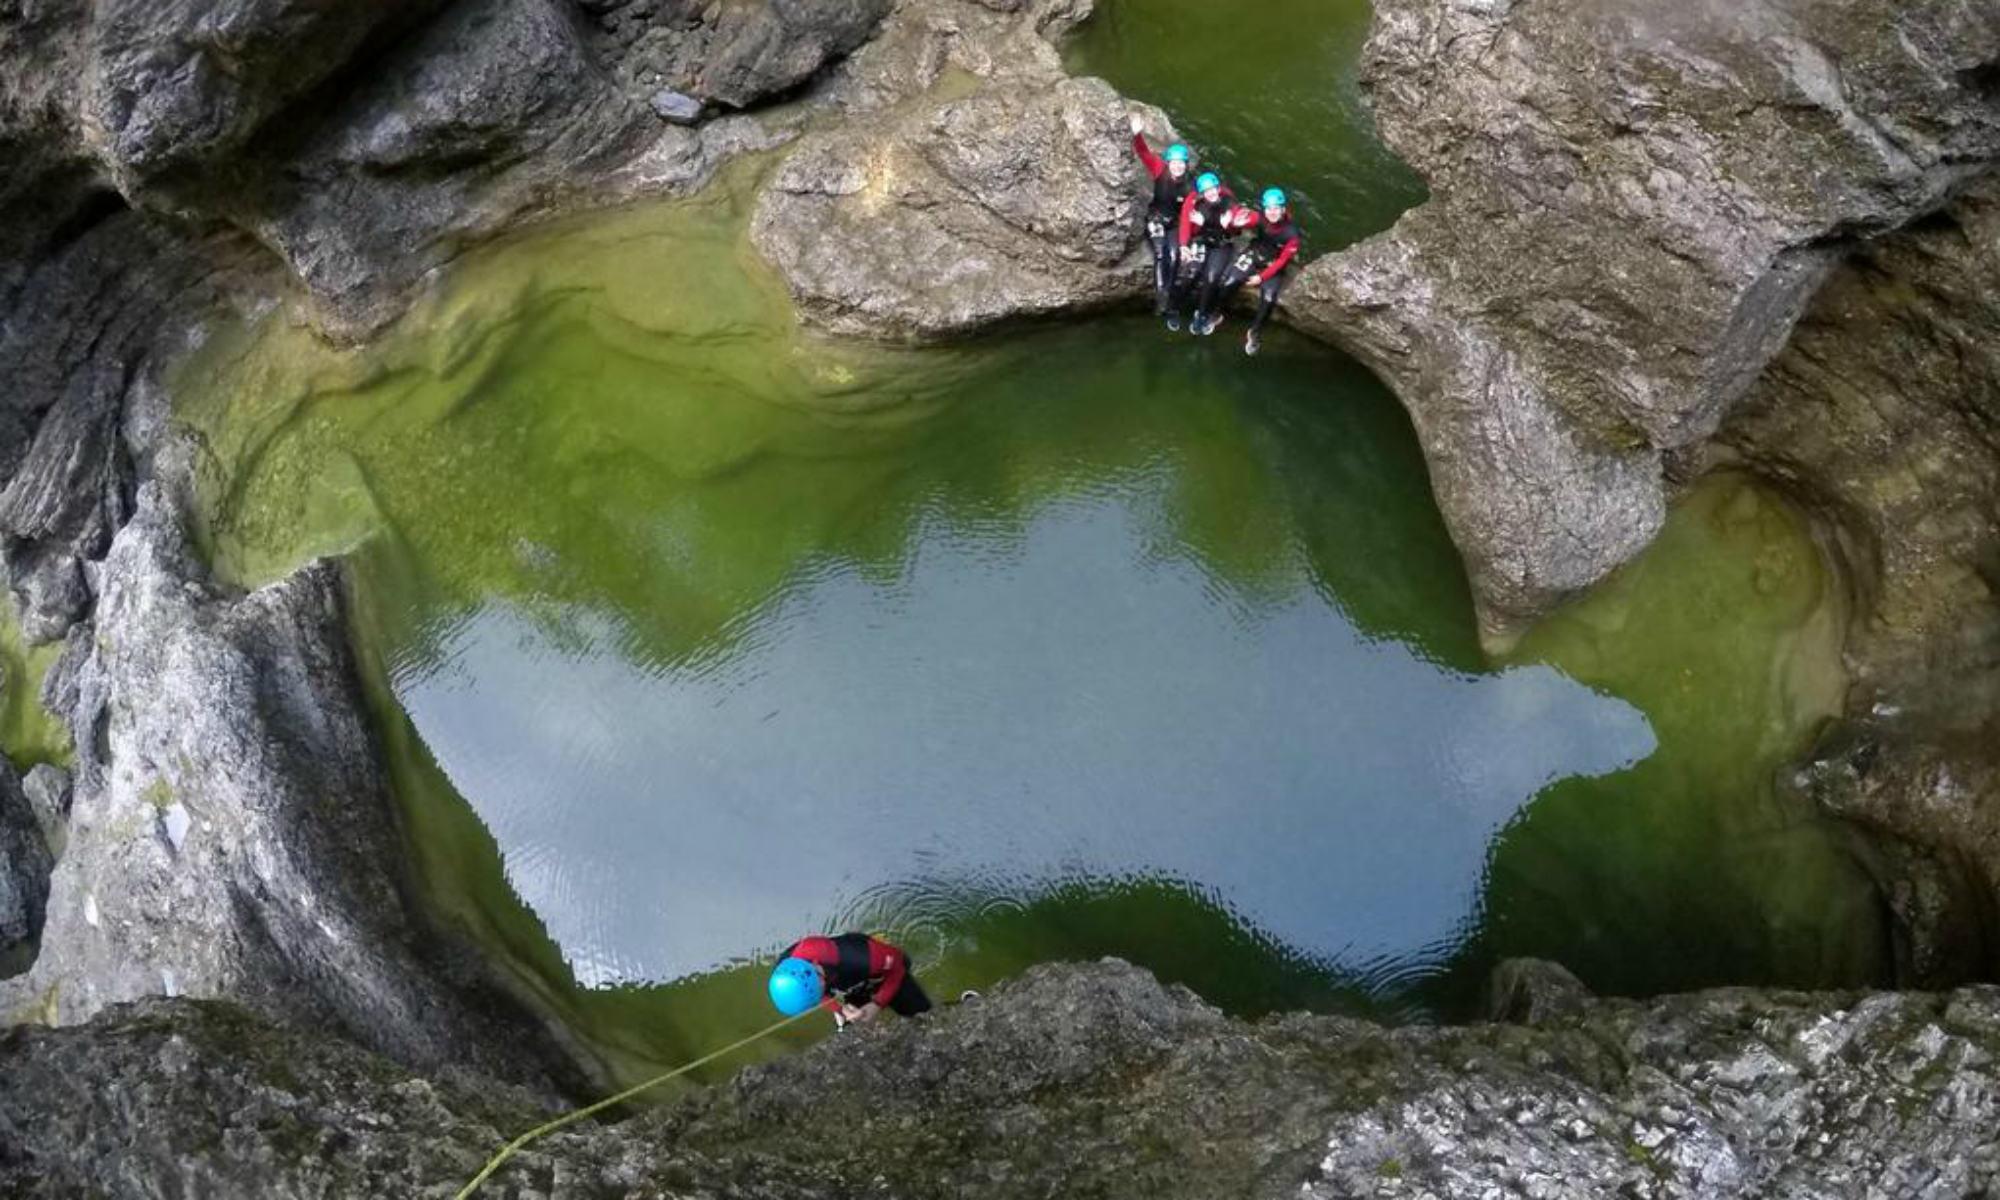 Eine Freundesgruppe in der Almbachklamm beim Canyoning nahe Salzburg.